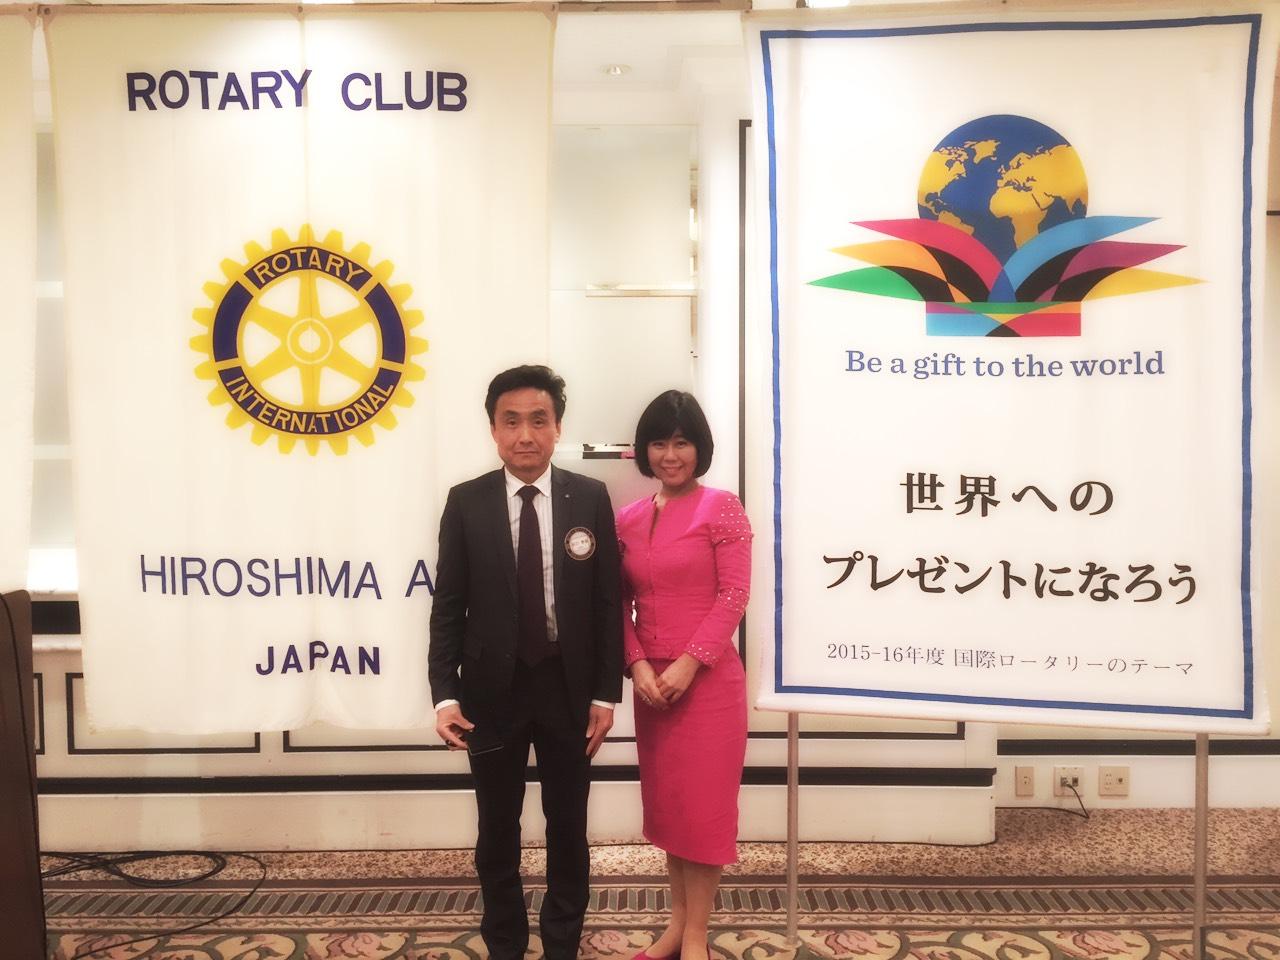 広島安佐ロータリークラブ例会にて、卓話致しました。